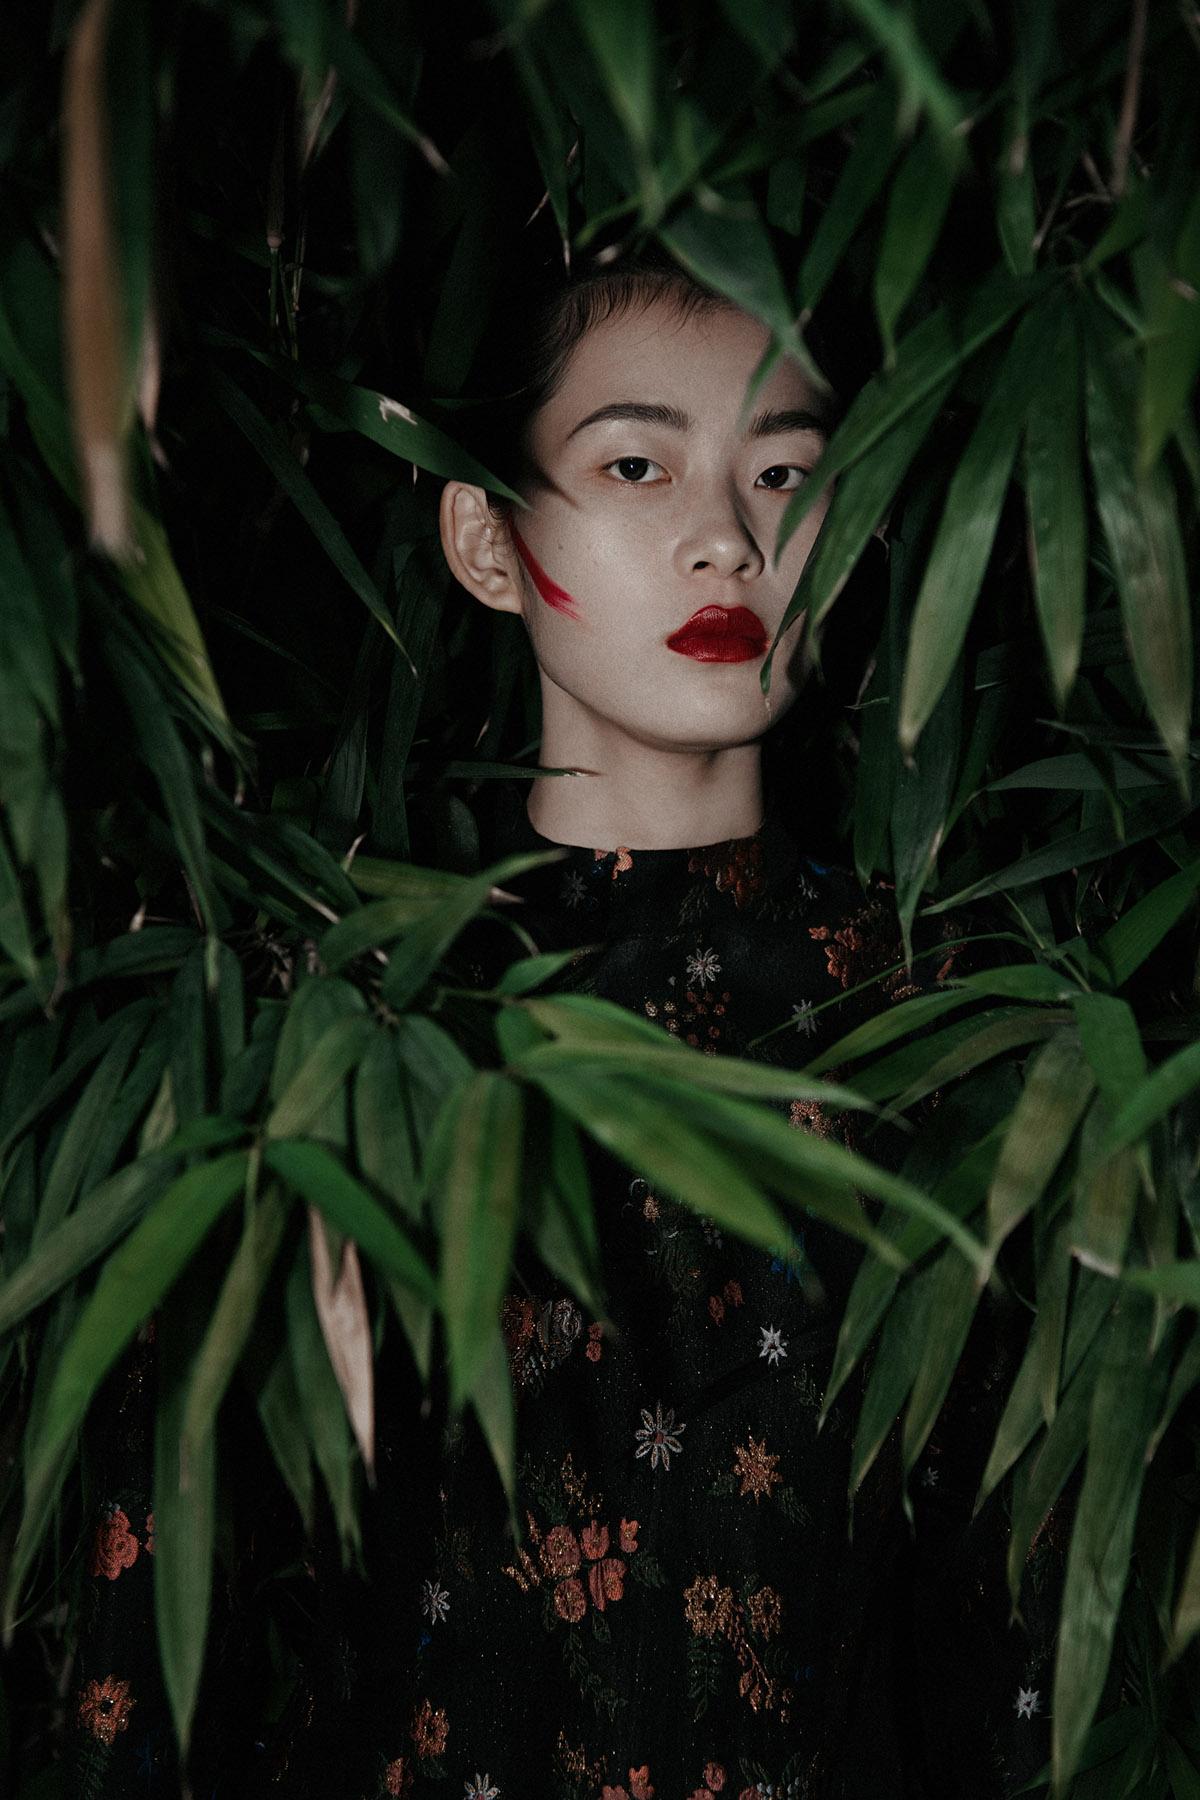 Irina_Liu_by_WUL_Magazine_11.jpg